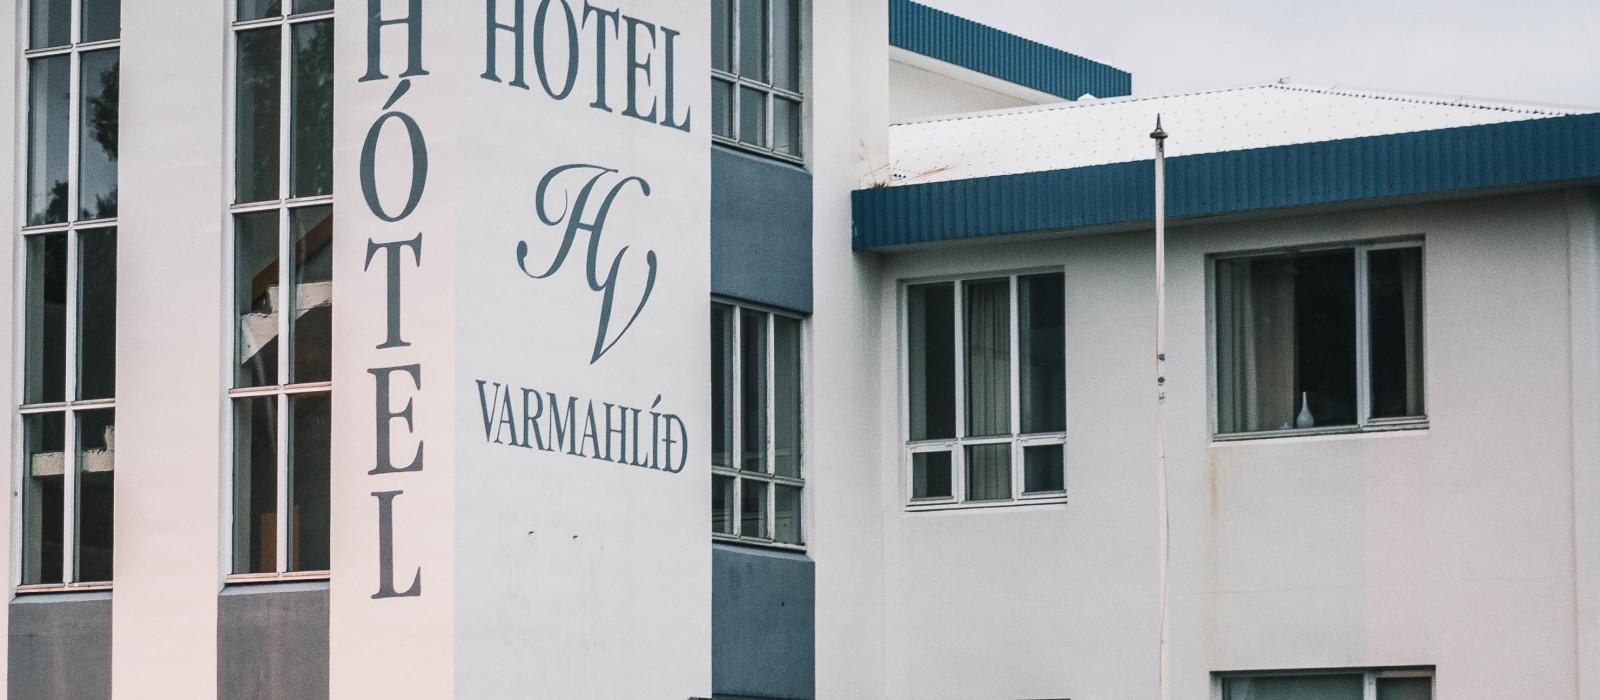 Hotel  Varmahlíð Iceland